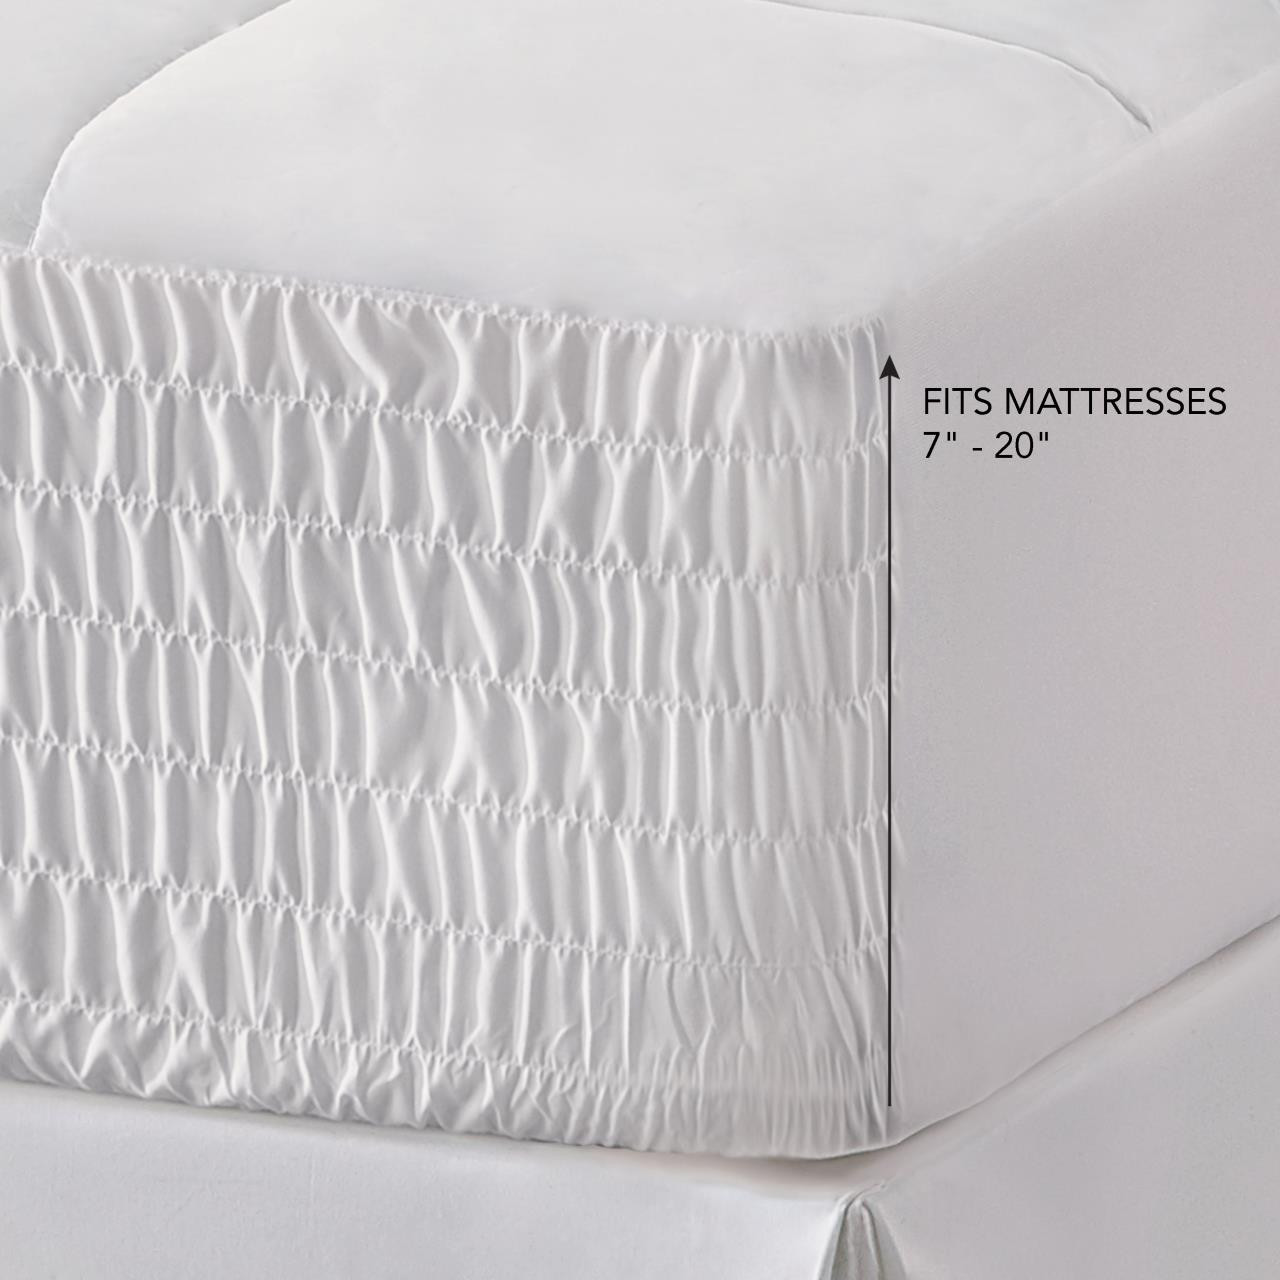 Royal Fit Mattress Topper - 193842111048